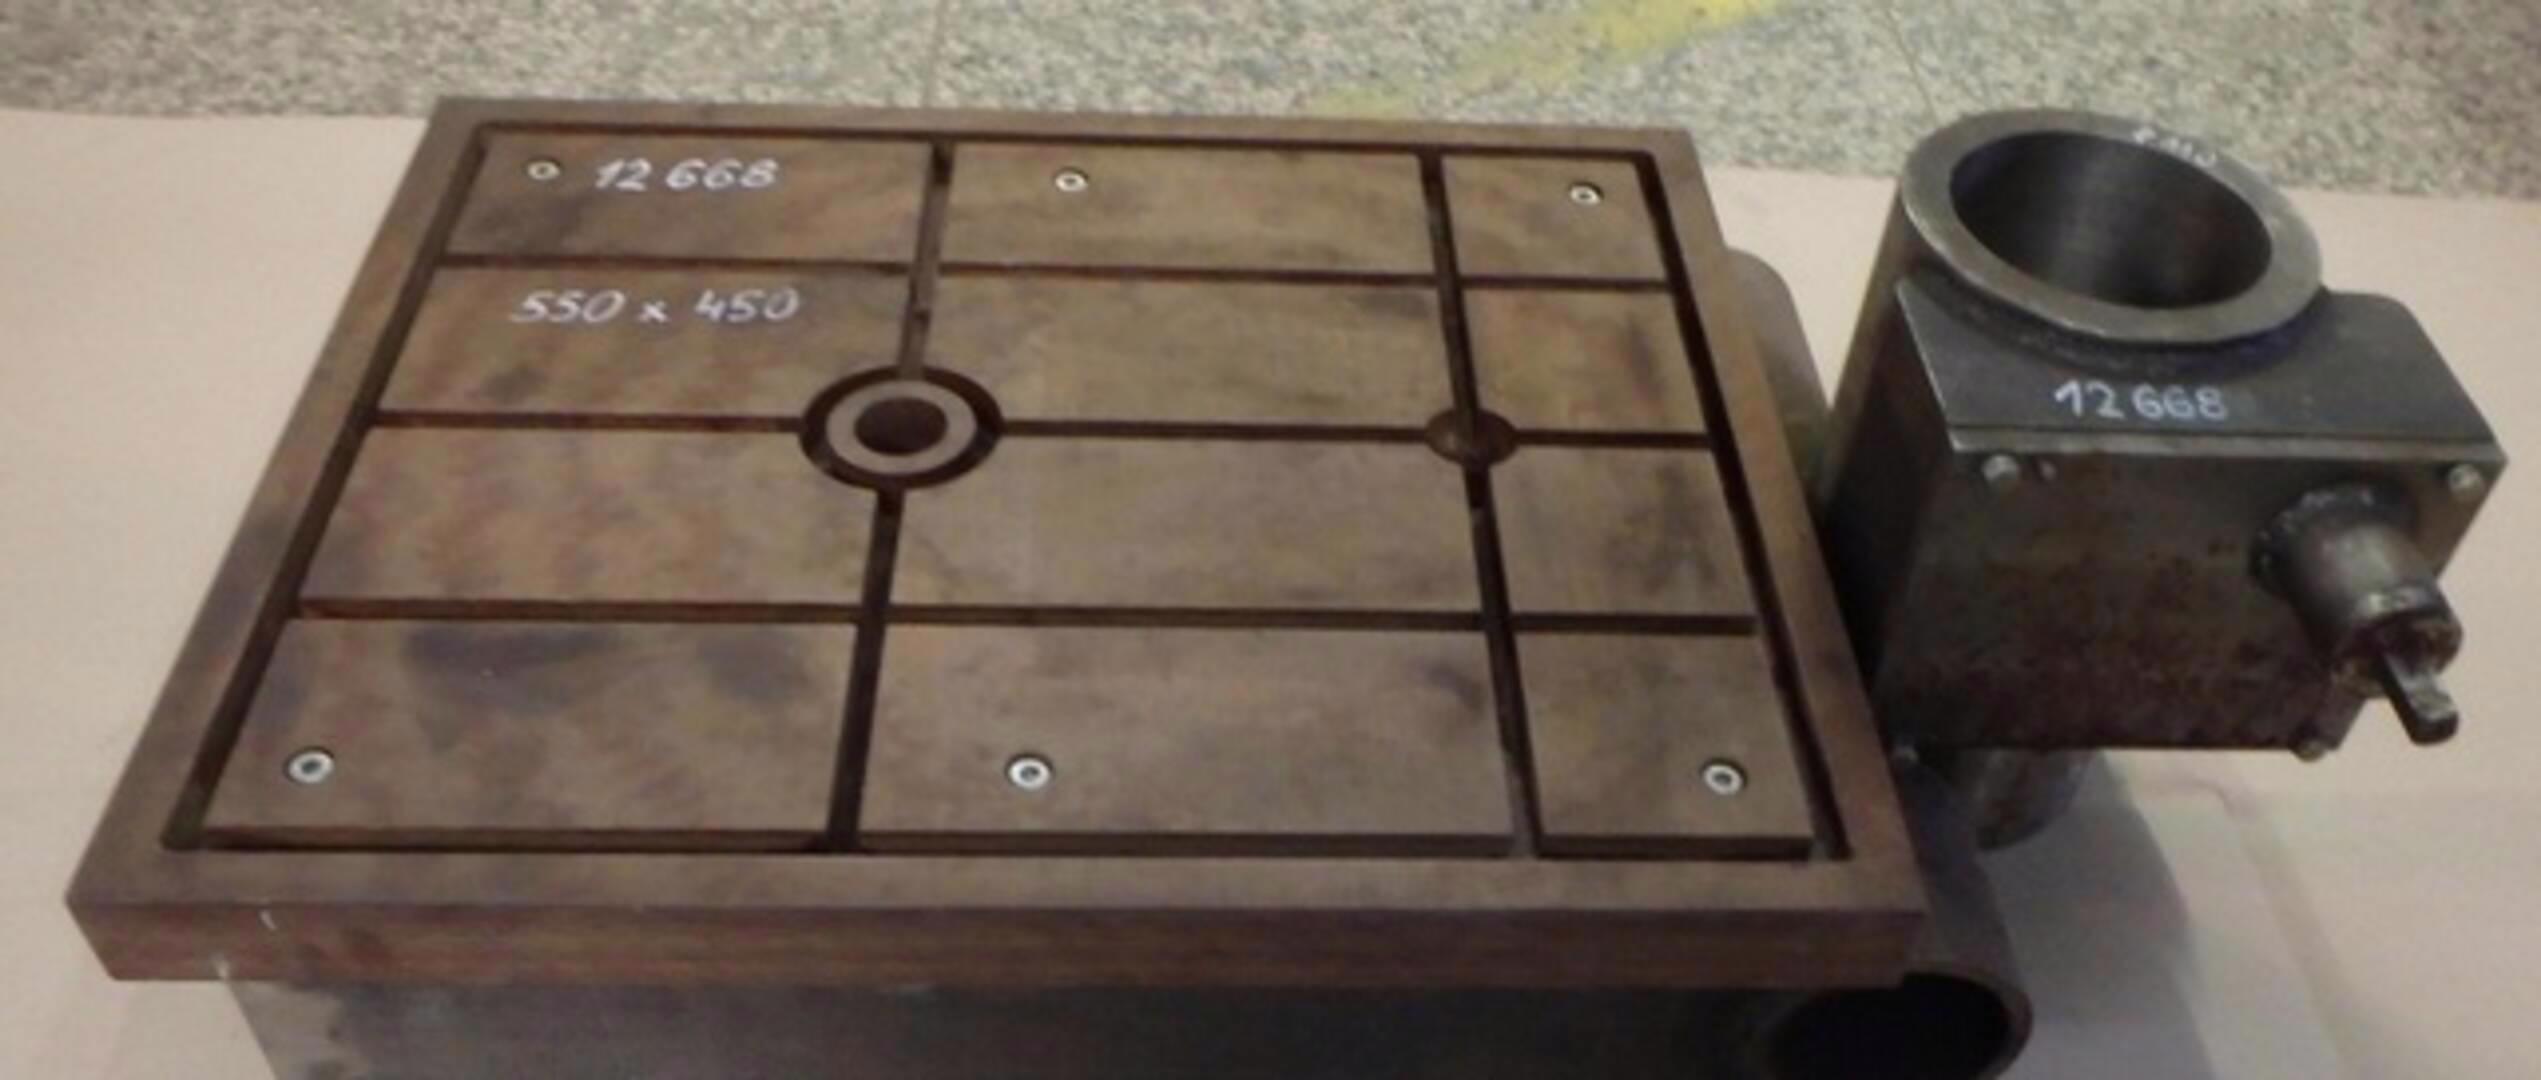 Stůl na vrtačku 550x450 , na průměr sloupu 110 (8465.) - foto 1